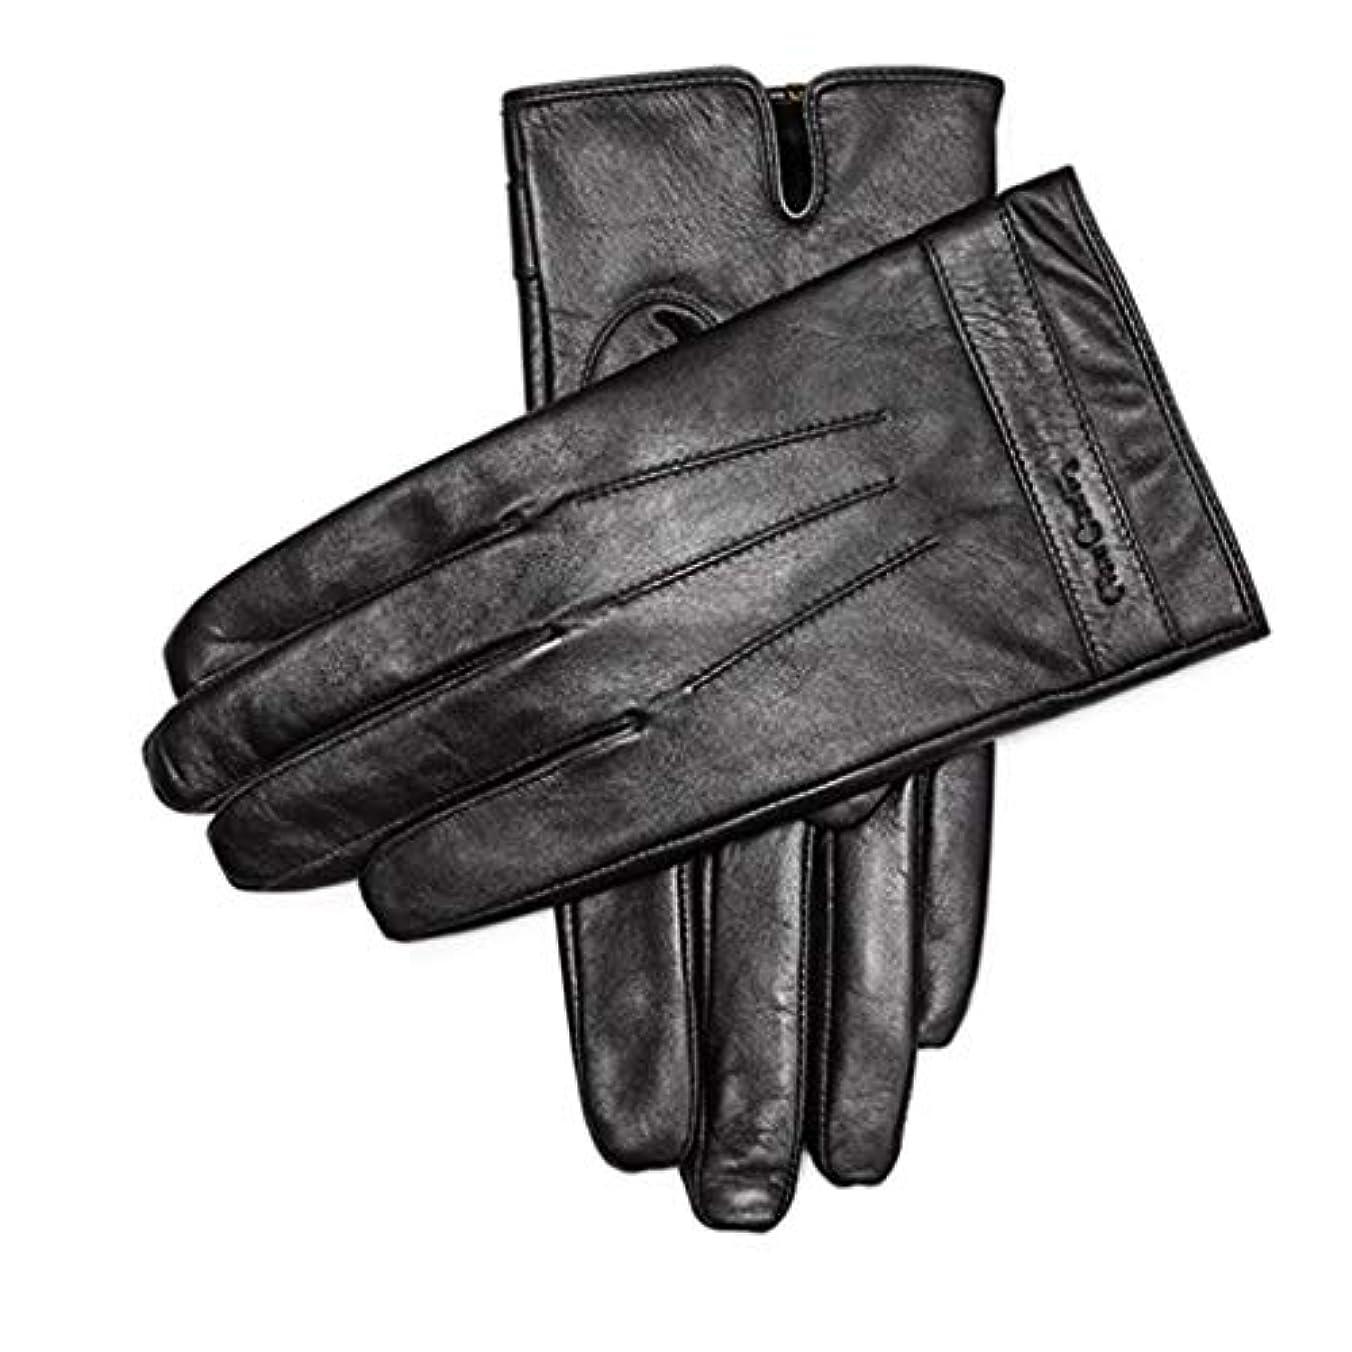 ふくろう風が強い大量手袋暖かい肥厚プラスベルベットメンズシープスキン手袋メンズウィンターアンチスキッドサイクリングレザーグローブタッチスクリーンモデル(883191170-1厚いベルベット)L(175 / 65-70KG)